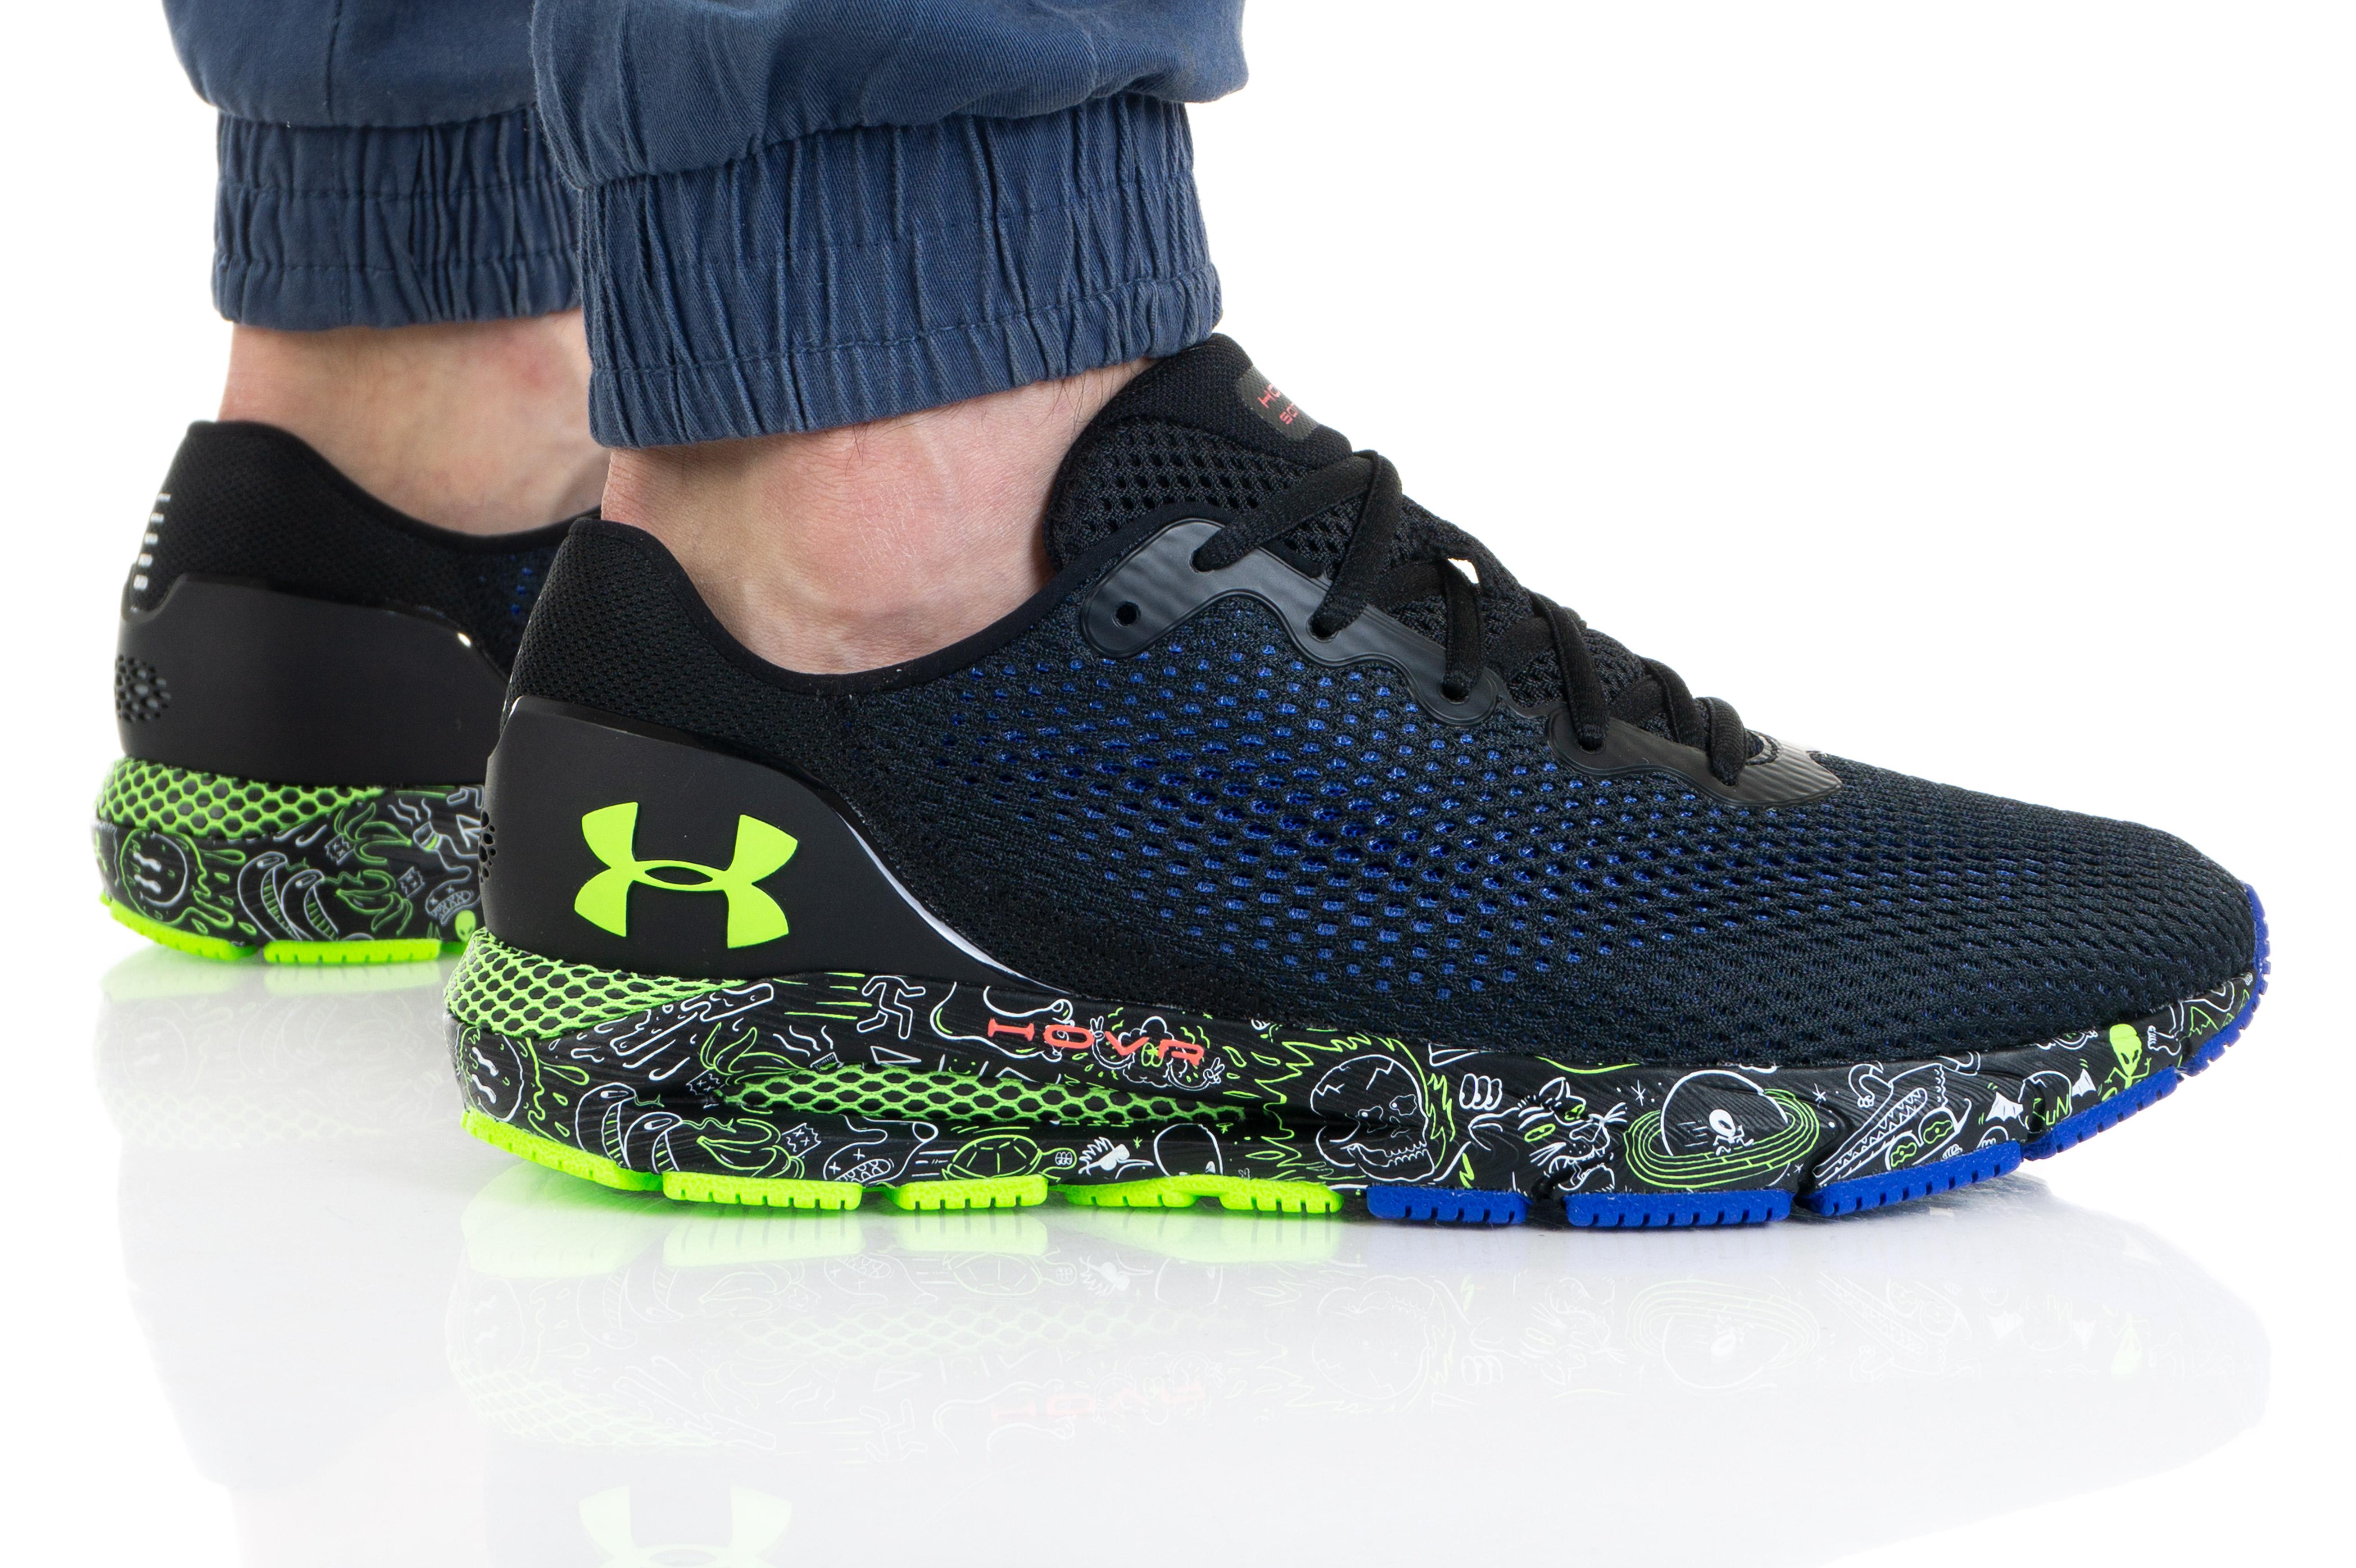 נעלי ריצה אנדר ארמור לגברים Under Armour HOVR Sonic 4 FnRn - שחור